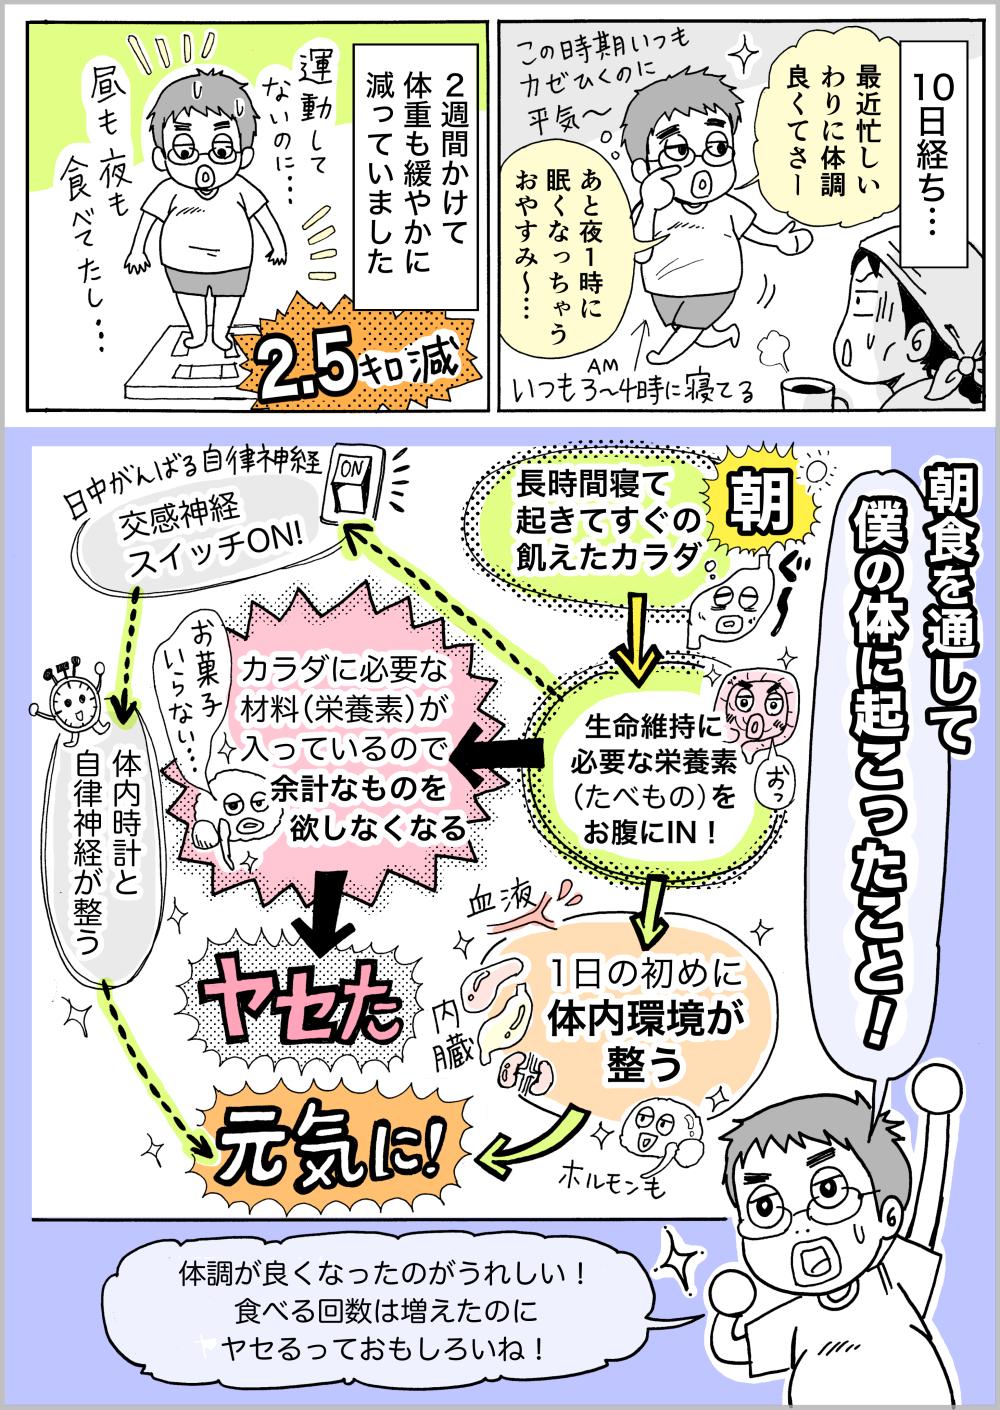 2shoshoku-4